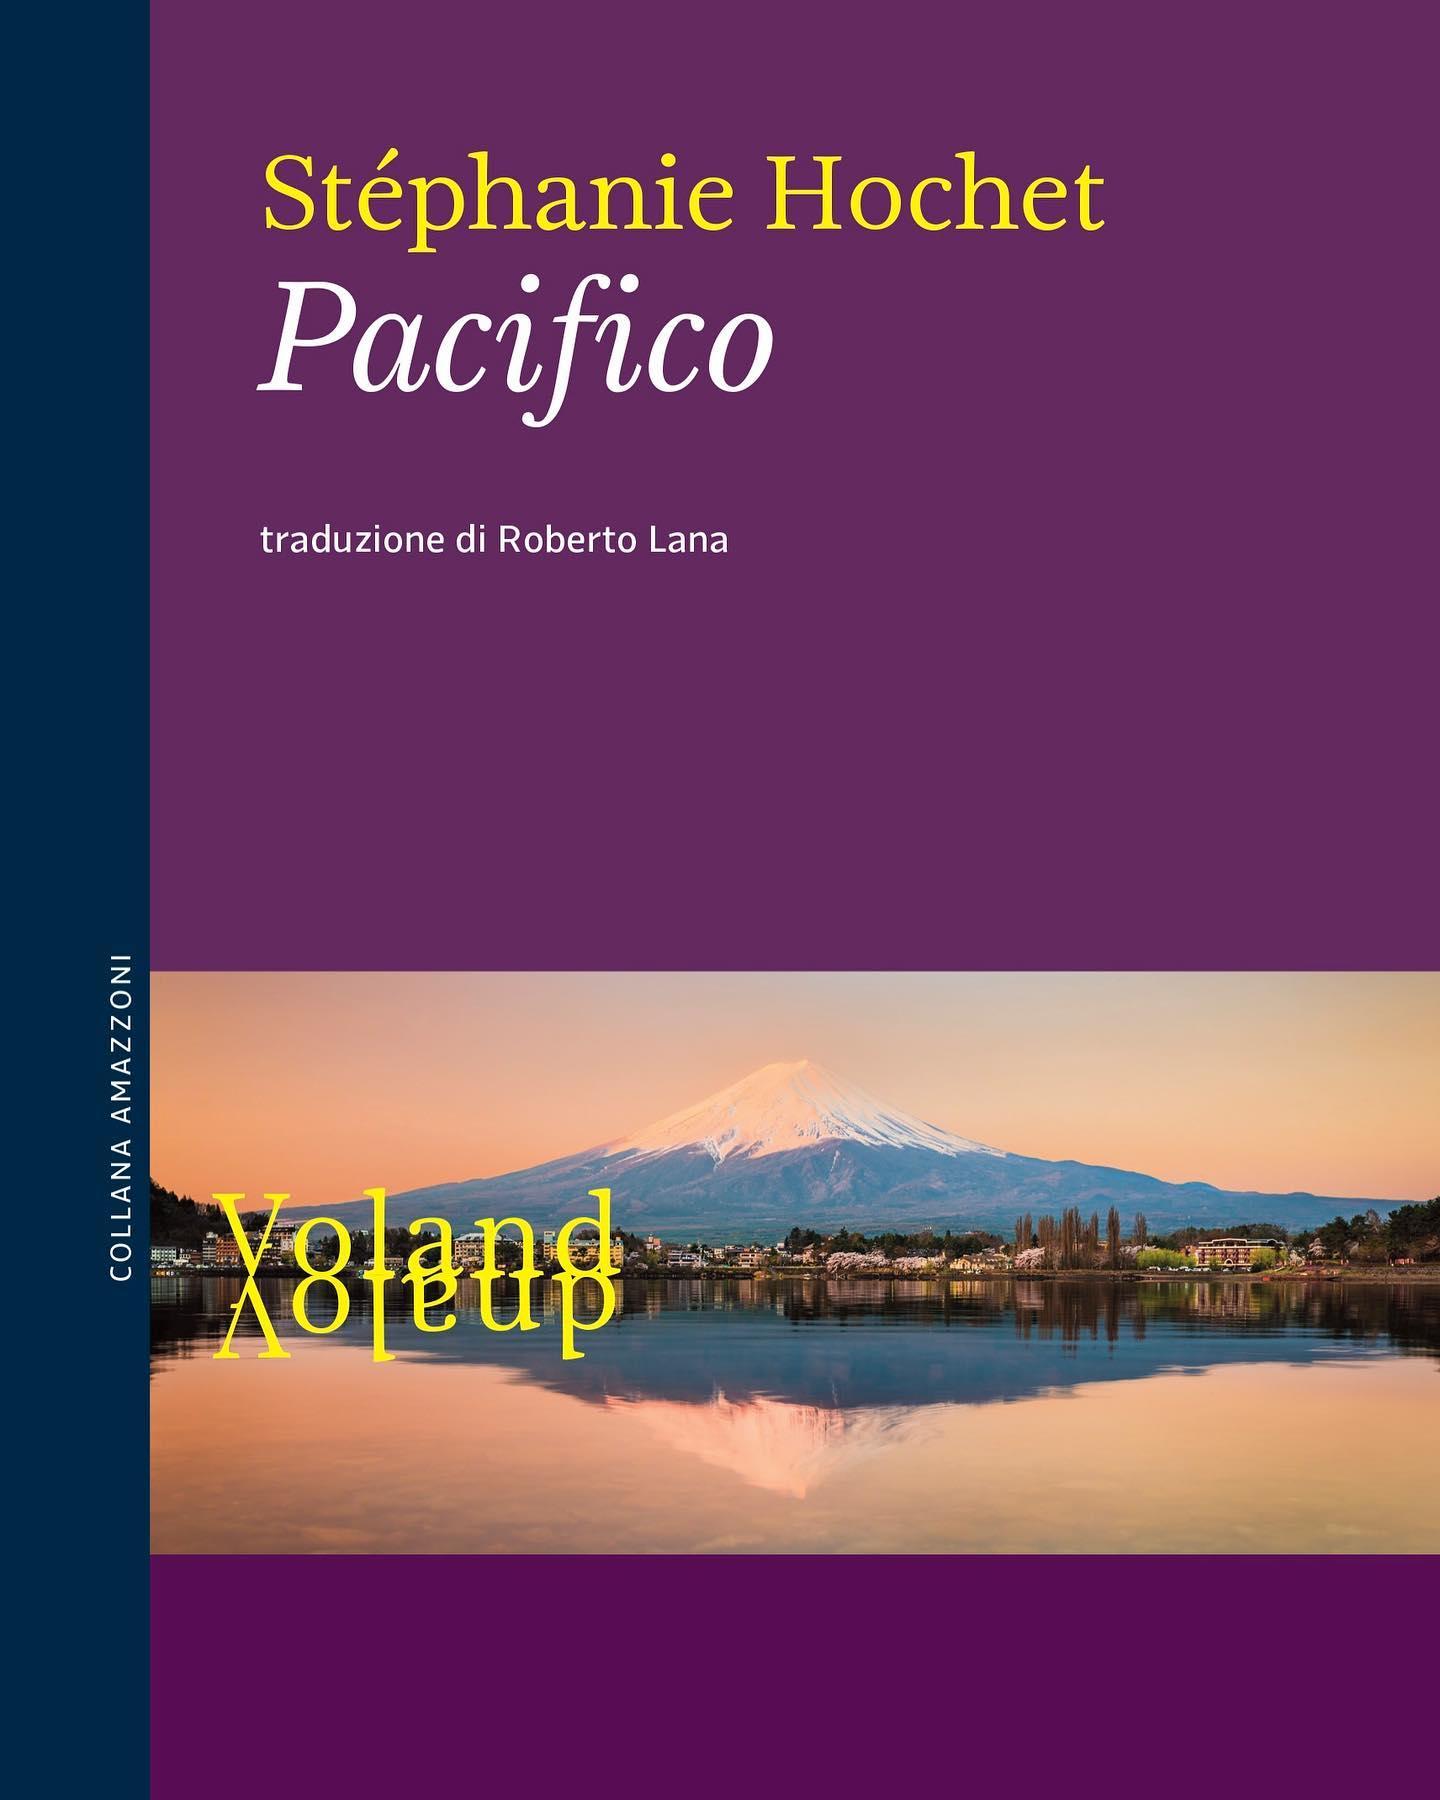 """È il conflitto interiore di un sakura il protagonista di """"Pacifico"""", l'ultimo romanzo di Stéphanie Hochet appena pubblicato da Voland Edizioni."""